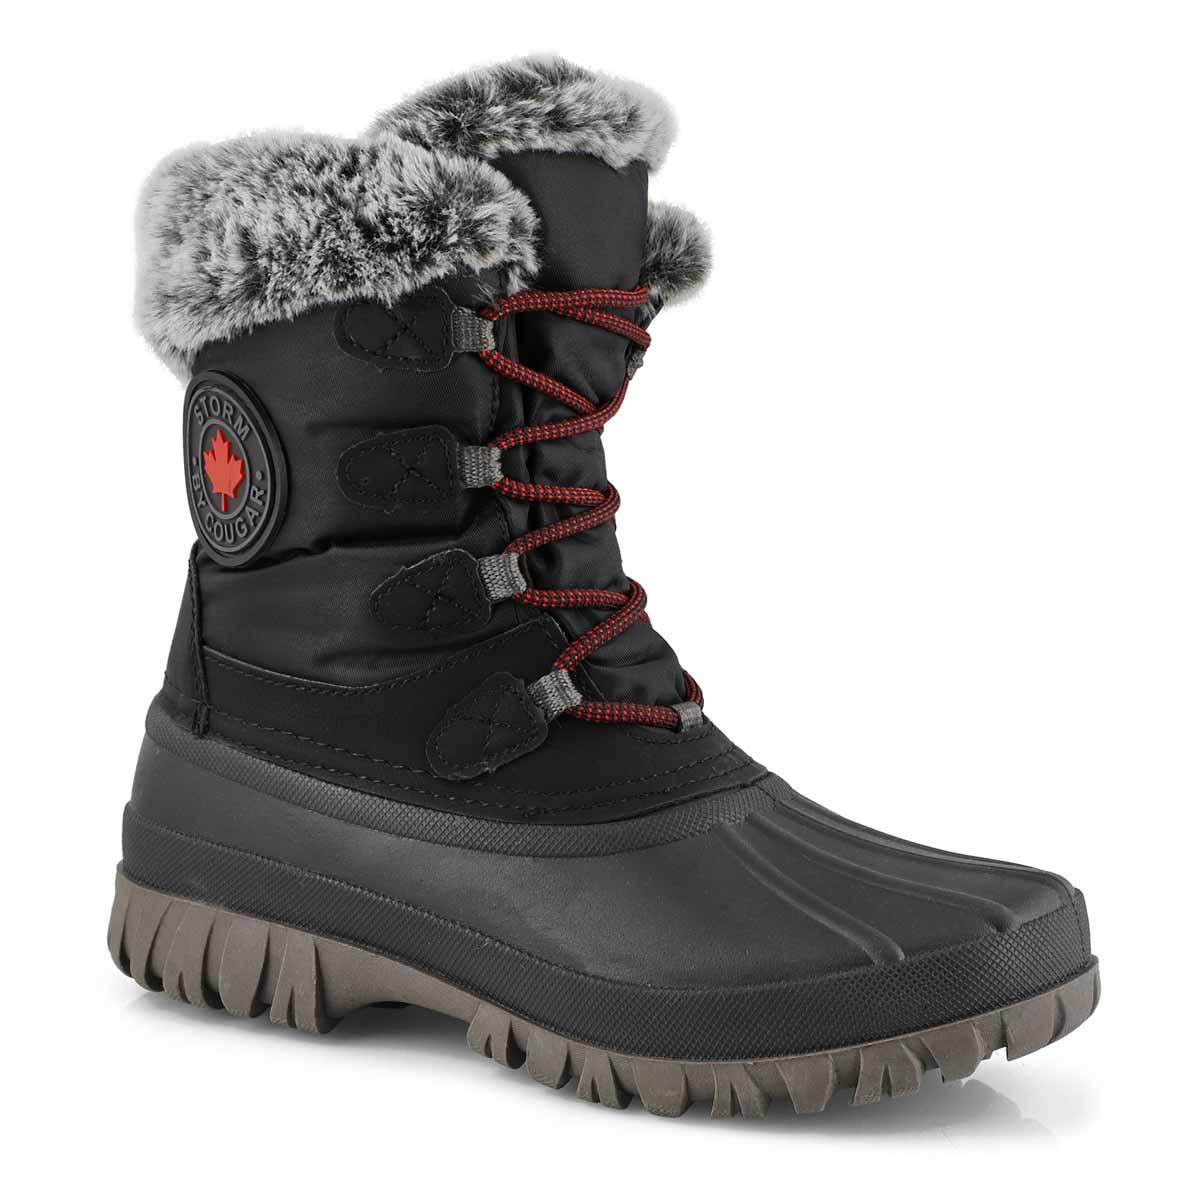 Lds Cabot blk waterproof winter boot